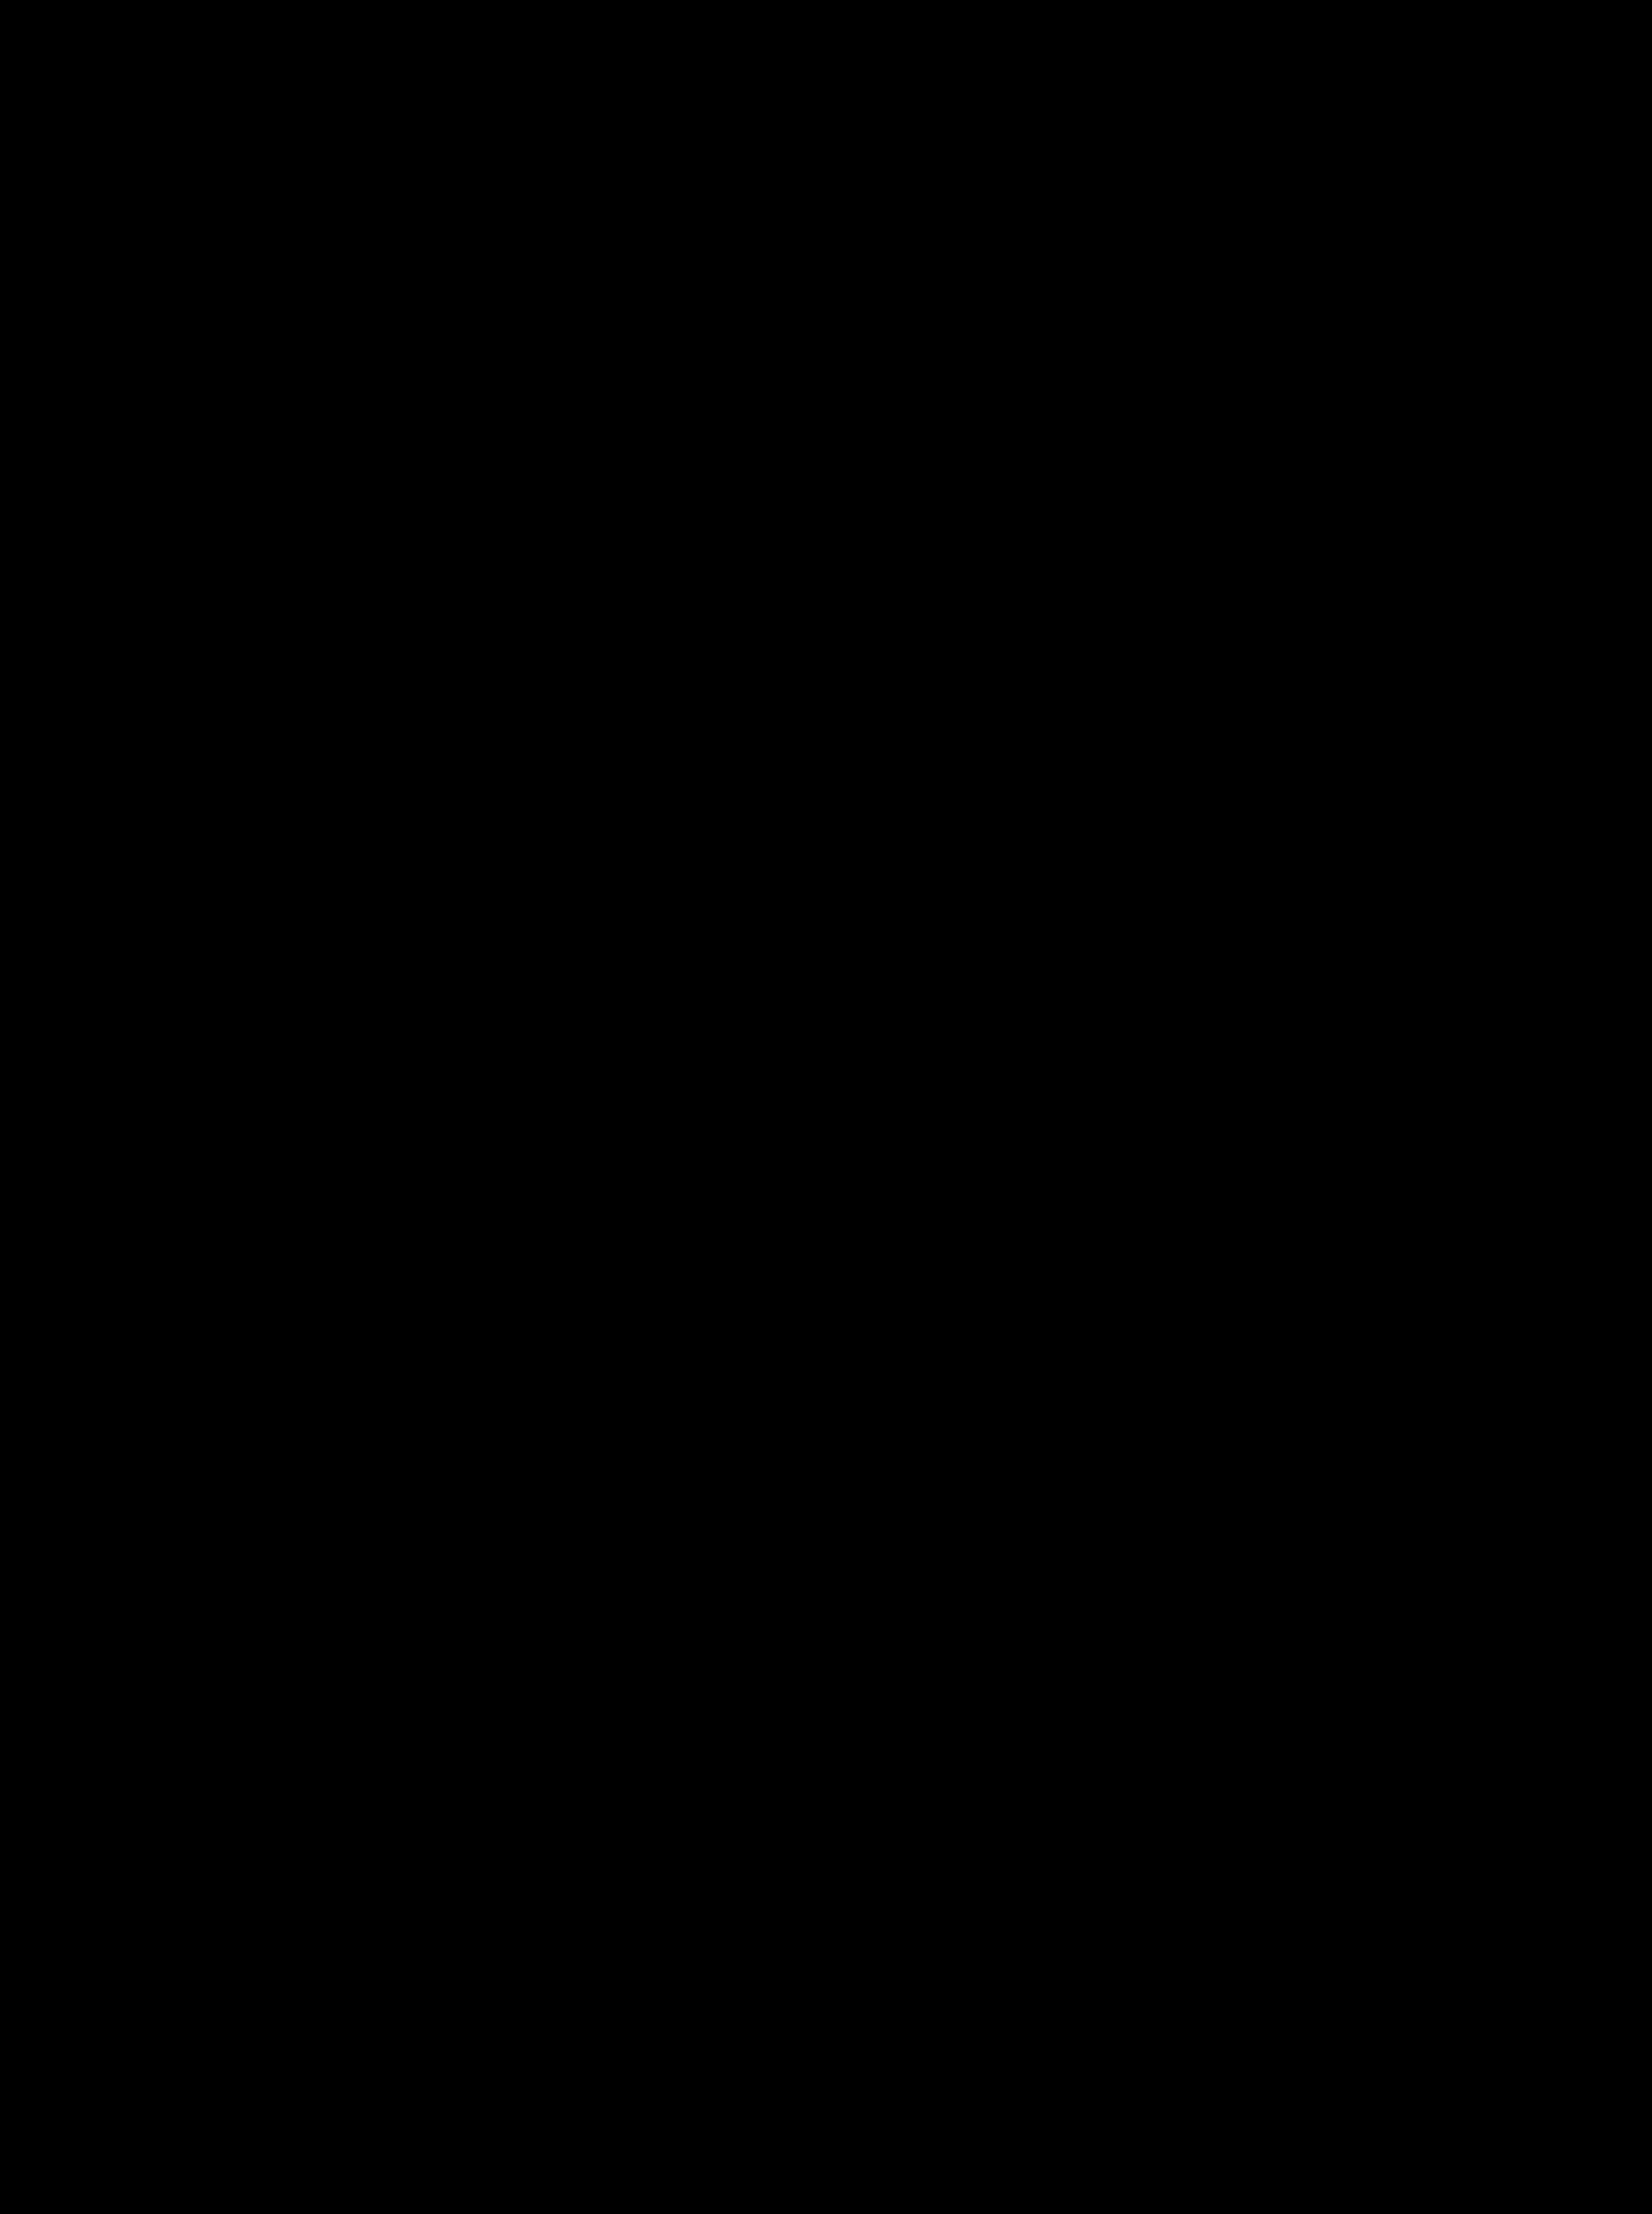 v1_planar_10_logo.png